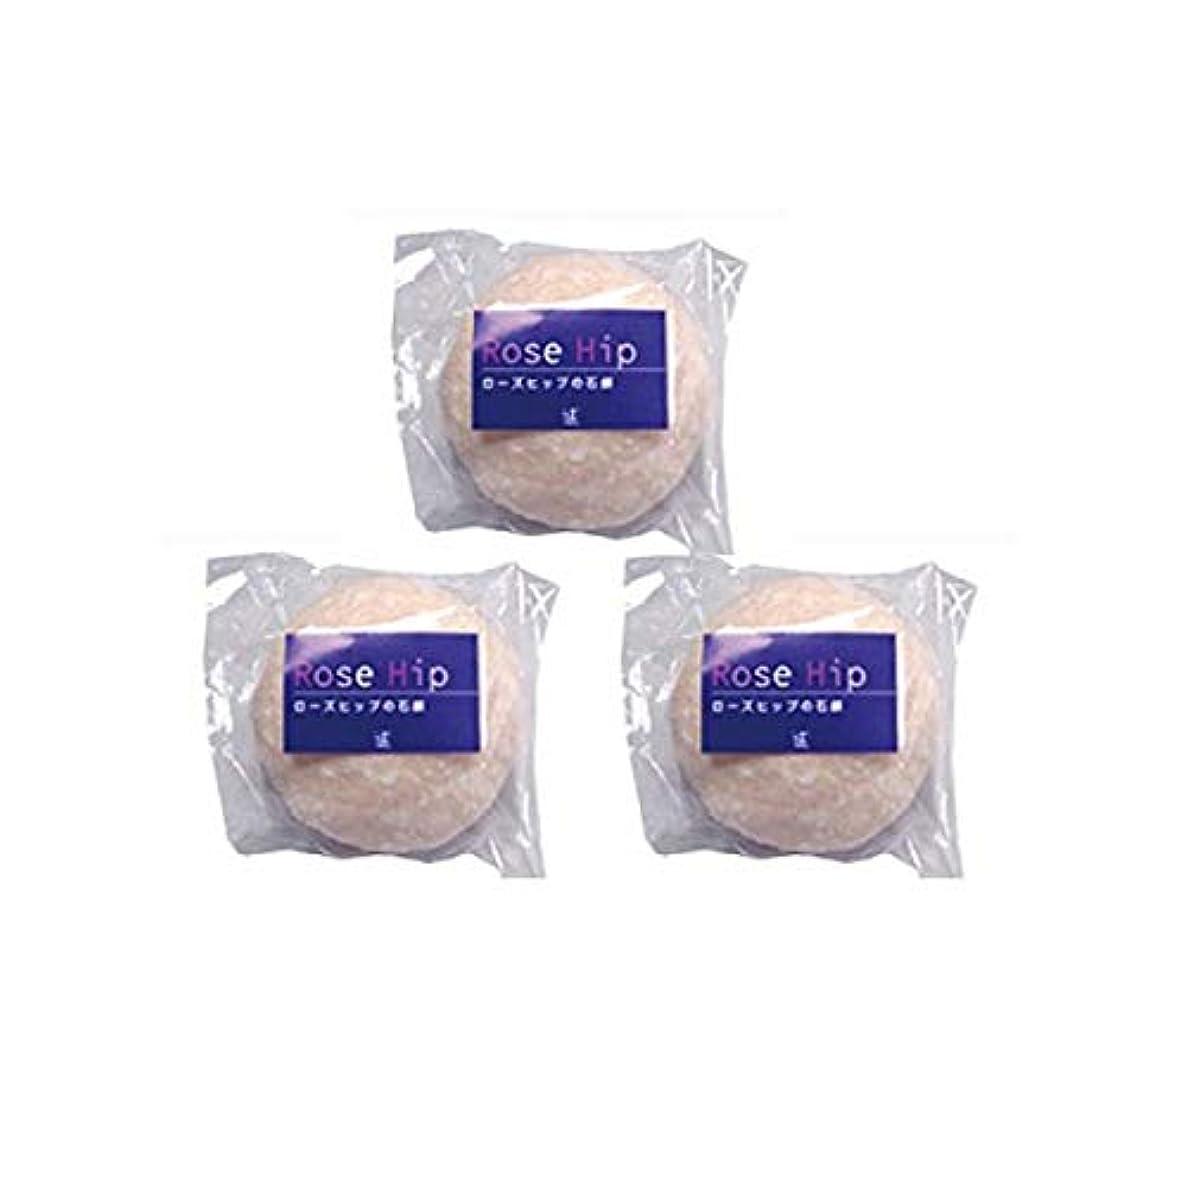 信頼性エンゲージメント勝者山澤清ローズヒップ石鹸3個セット(70g×3個)スパール山澤清のローズヒップ無添加洗顔石鹸